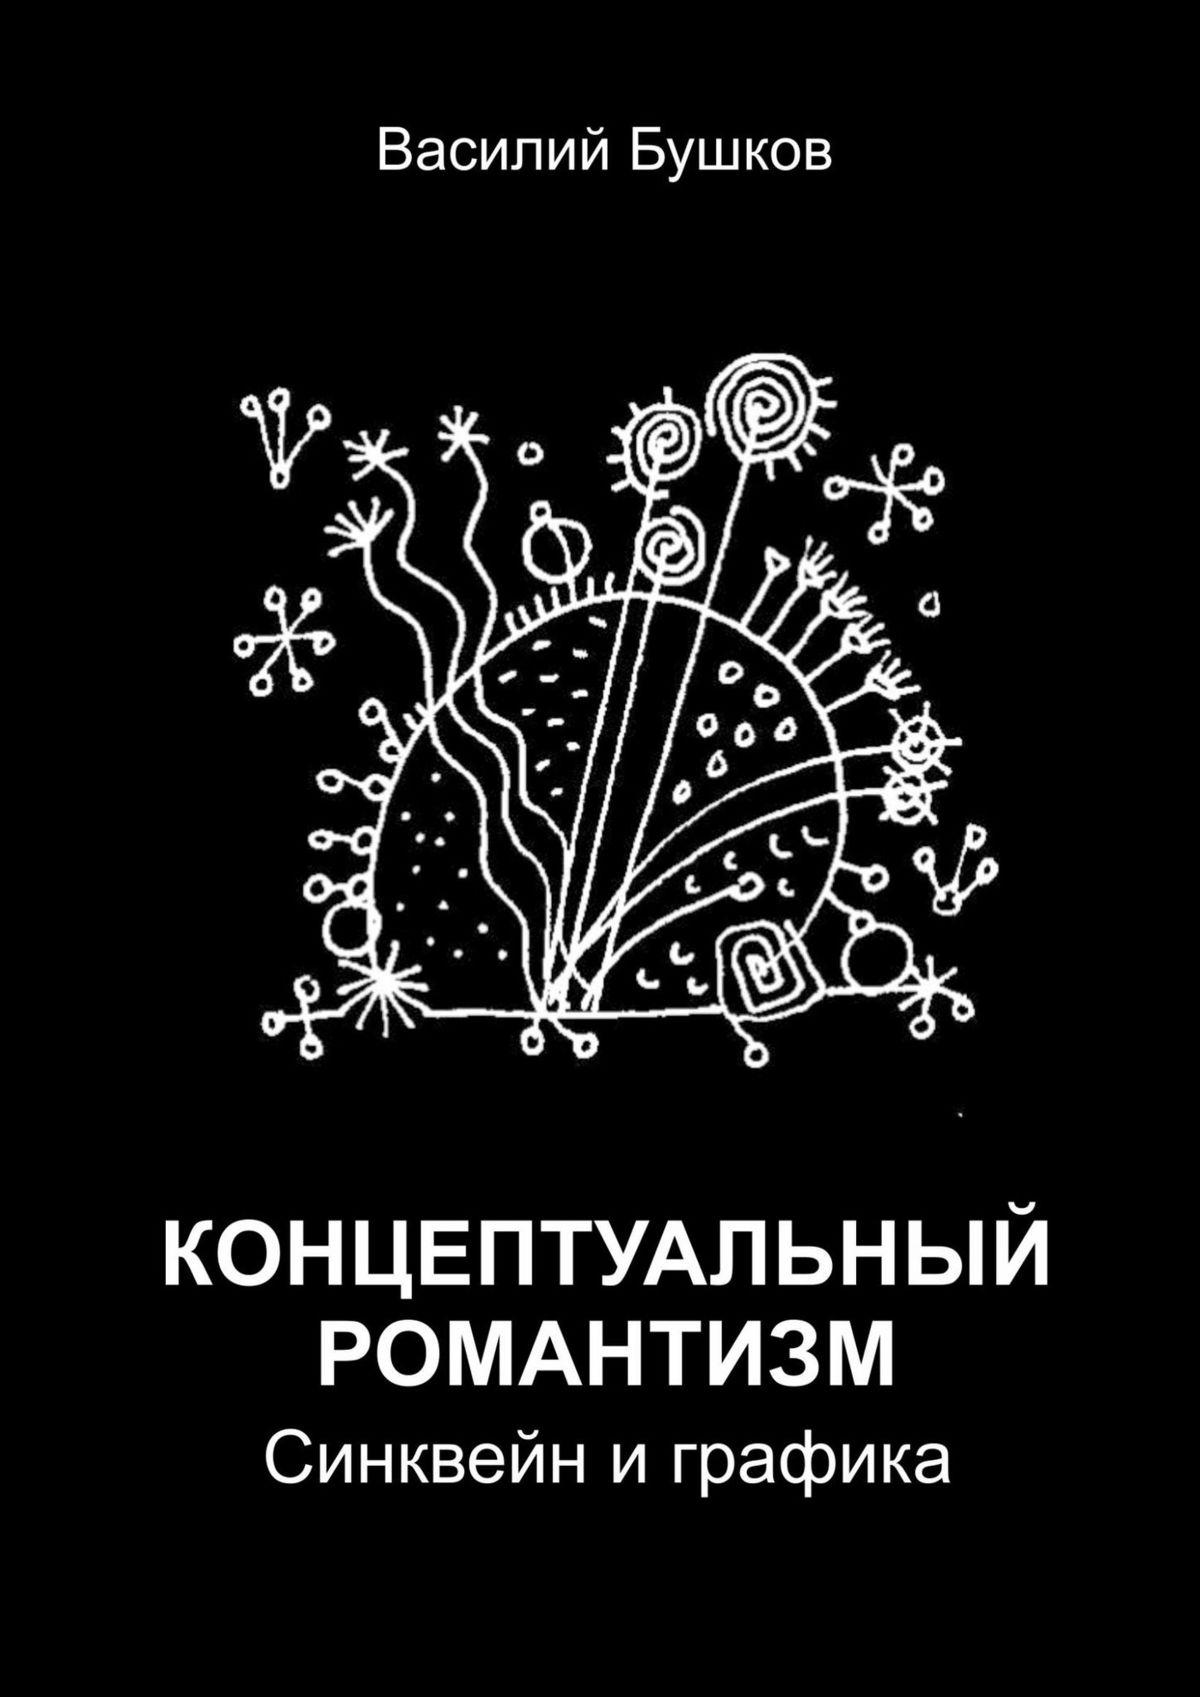 Фото - Василий Бушков Концептуальный романтизм. Синквейн и графика василий бушков дизайн рекламы 10 иллюстрированных уроков